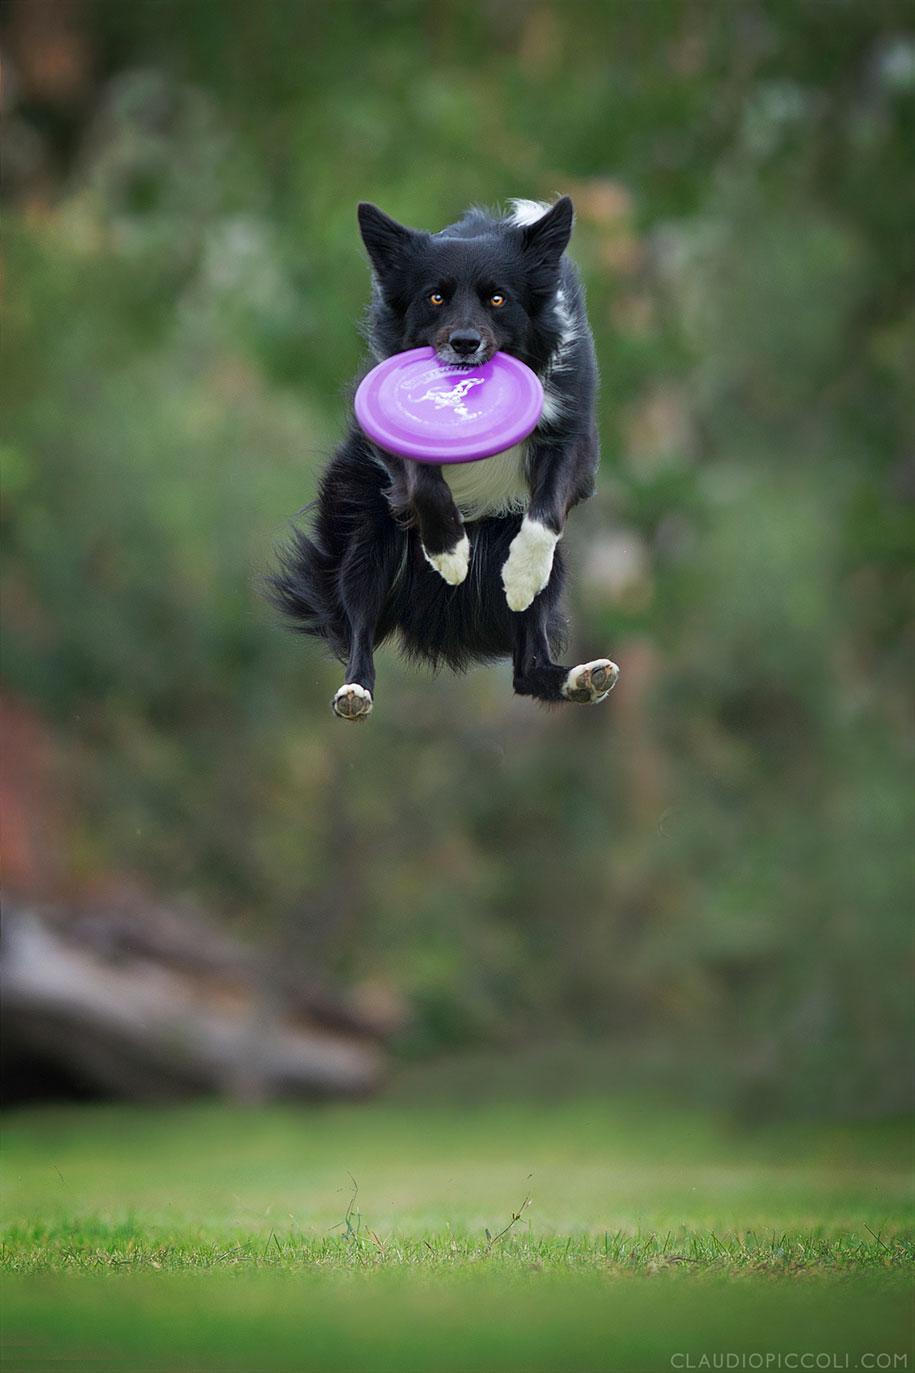 fotografia-cani-che-volano-frisbee-claudio-piccoli-11